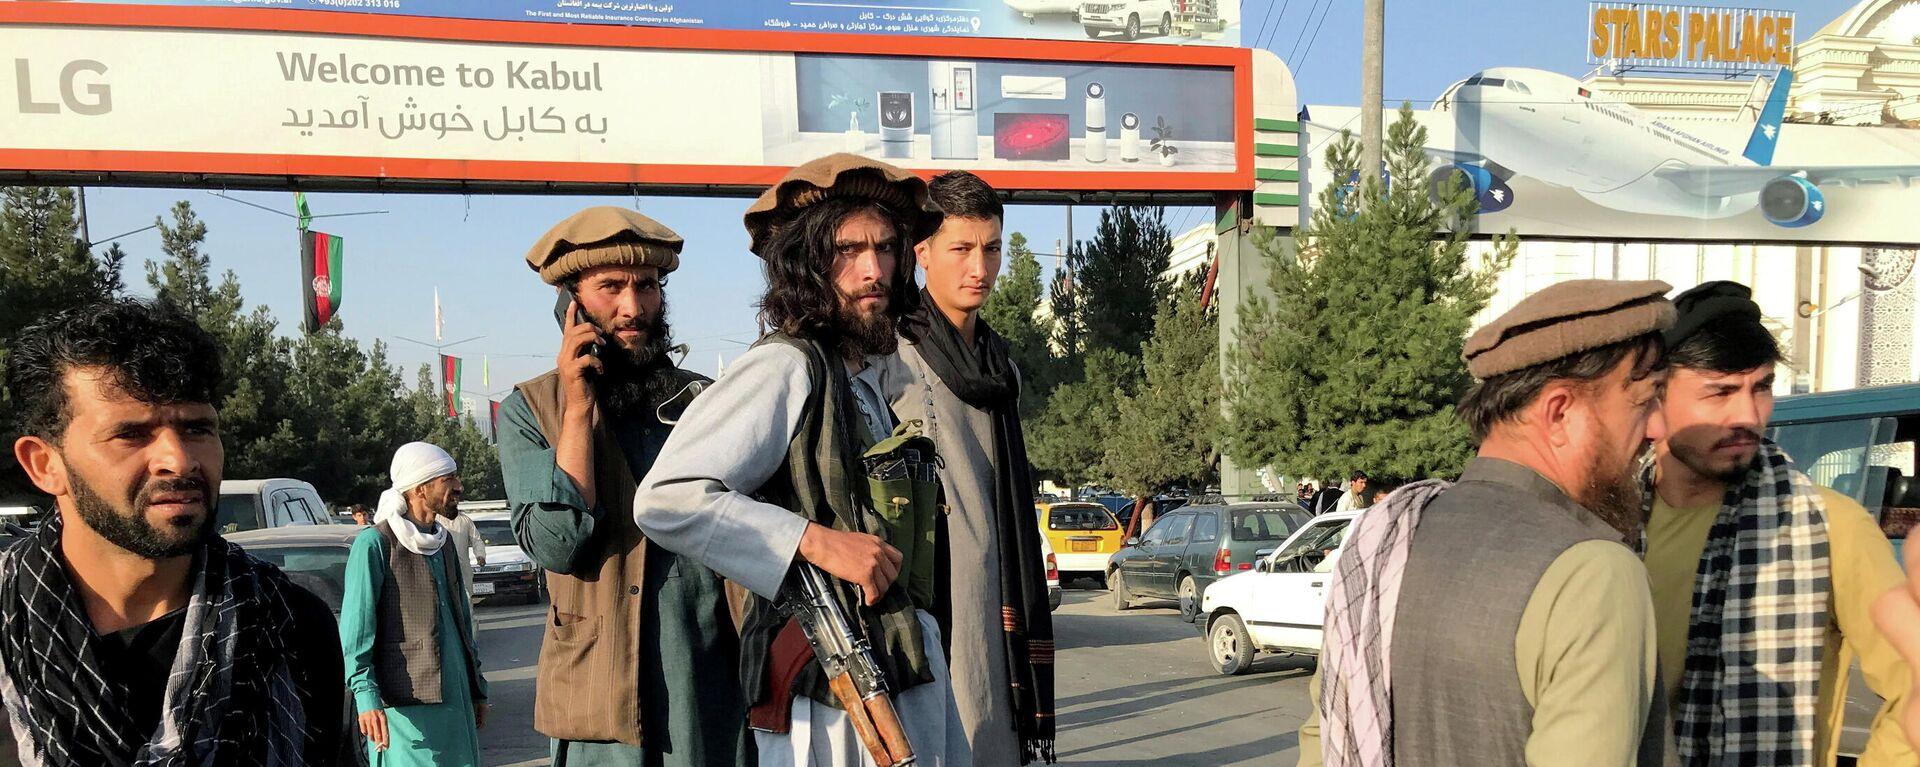 Talibanes en el aeropuerto de Kabul - Sputnik Mundo, 1920, 16.08.2021